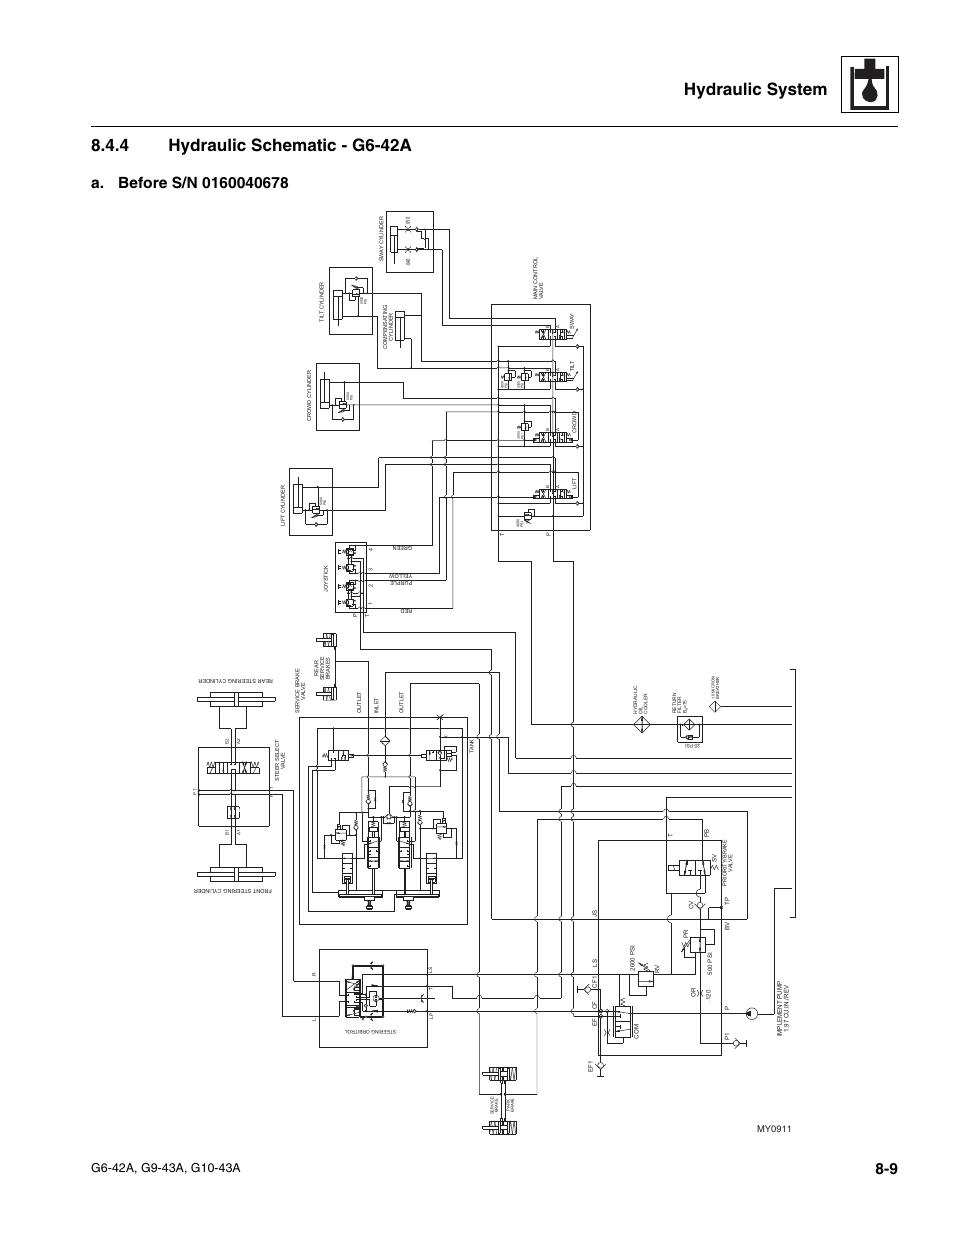 4 hydraulic schematic - g6-42a  hydraulic schematic